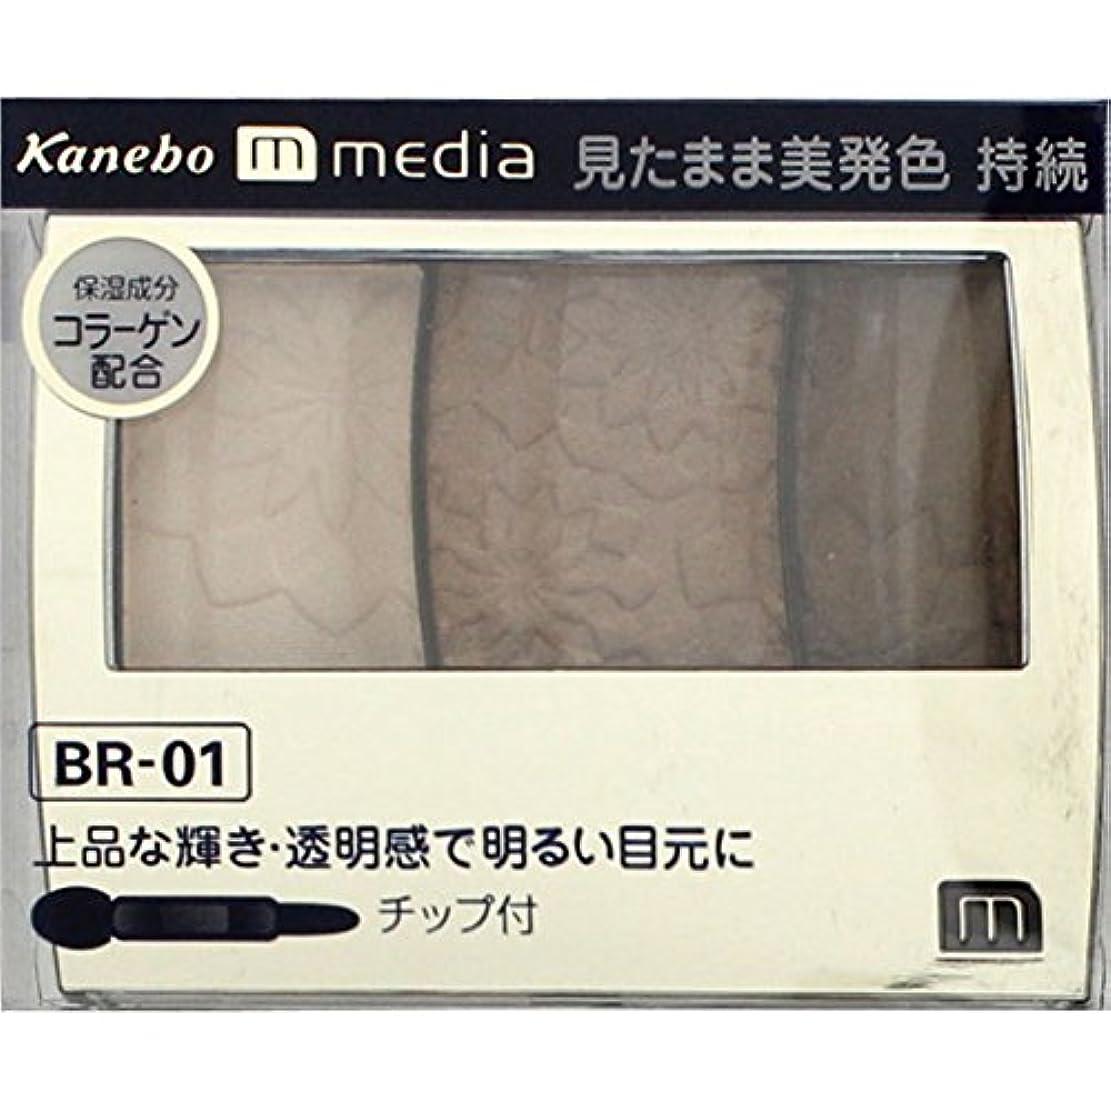 ファイアル直接発見【カネボウ】 メディア グラデカラーアイシャドウ BR-01